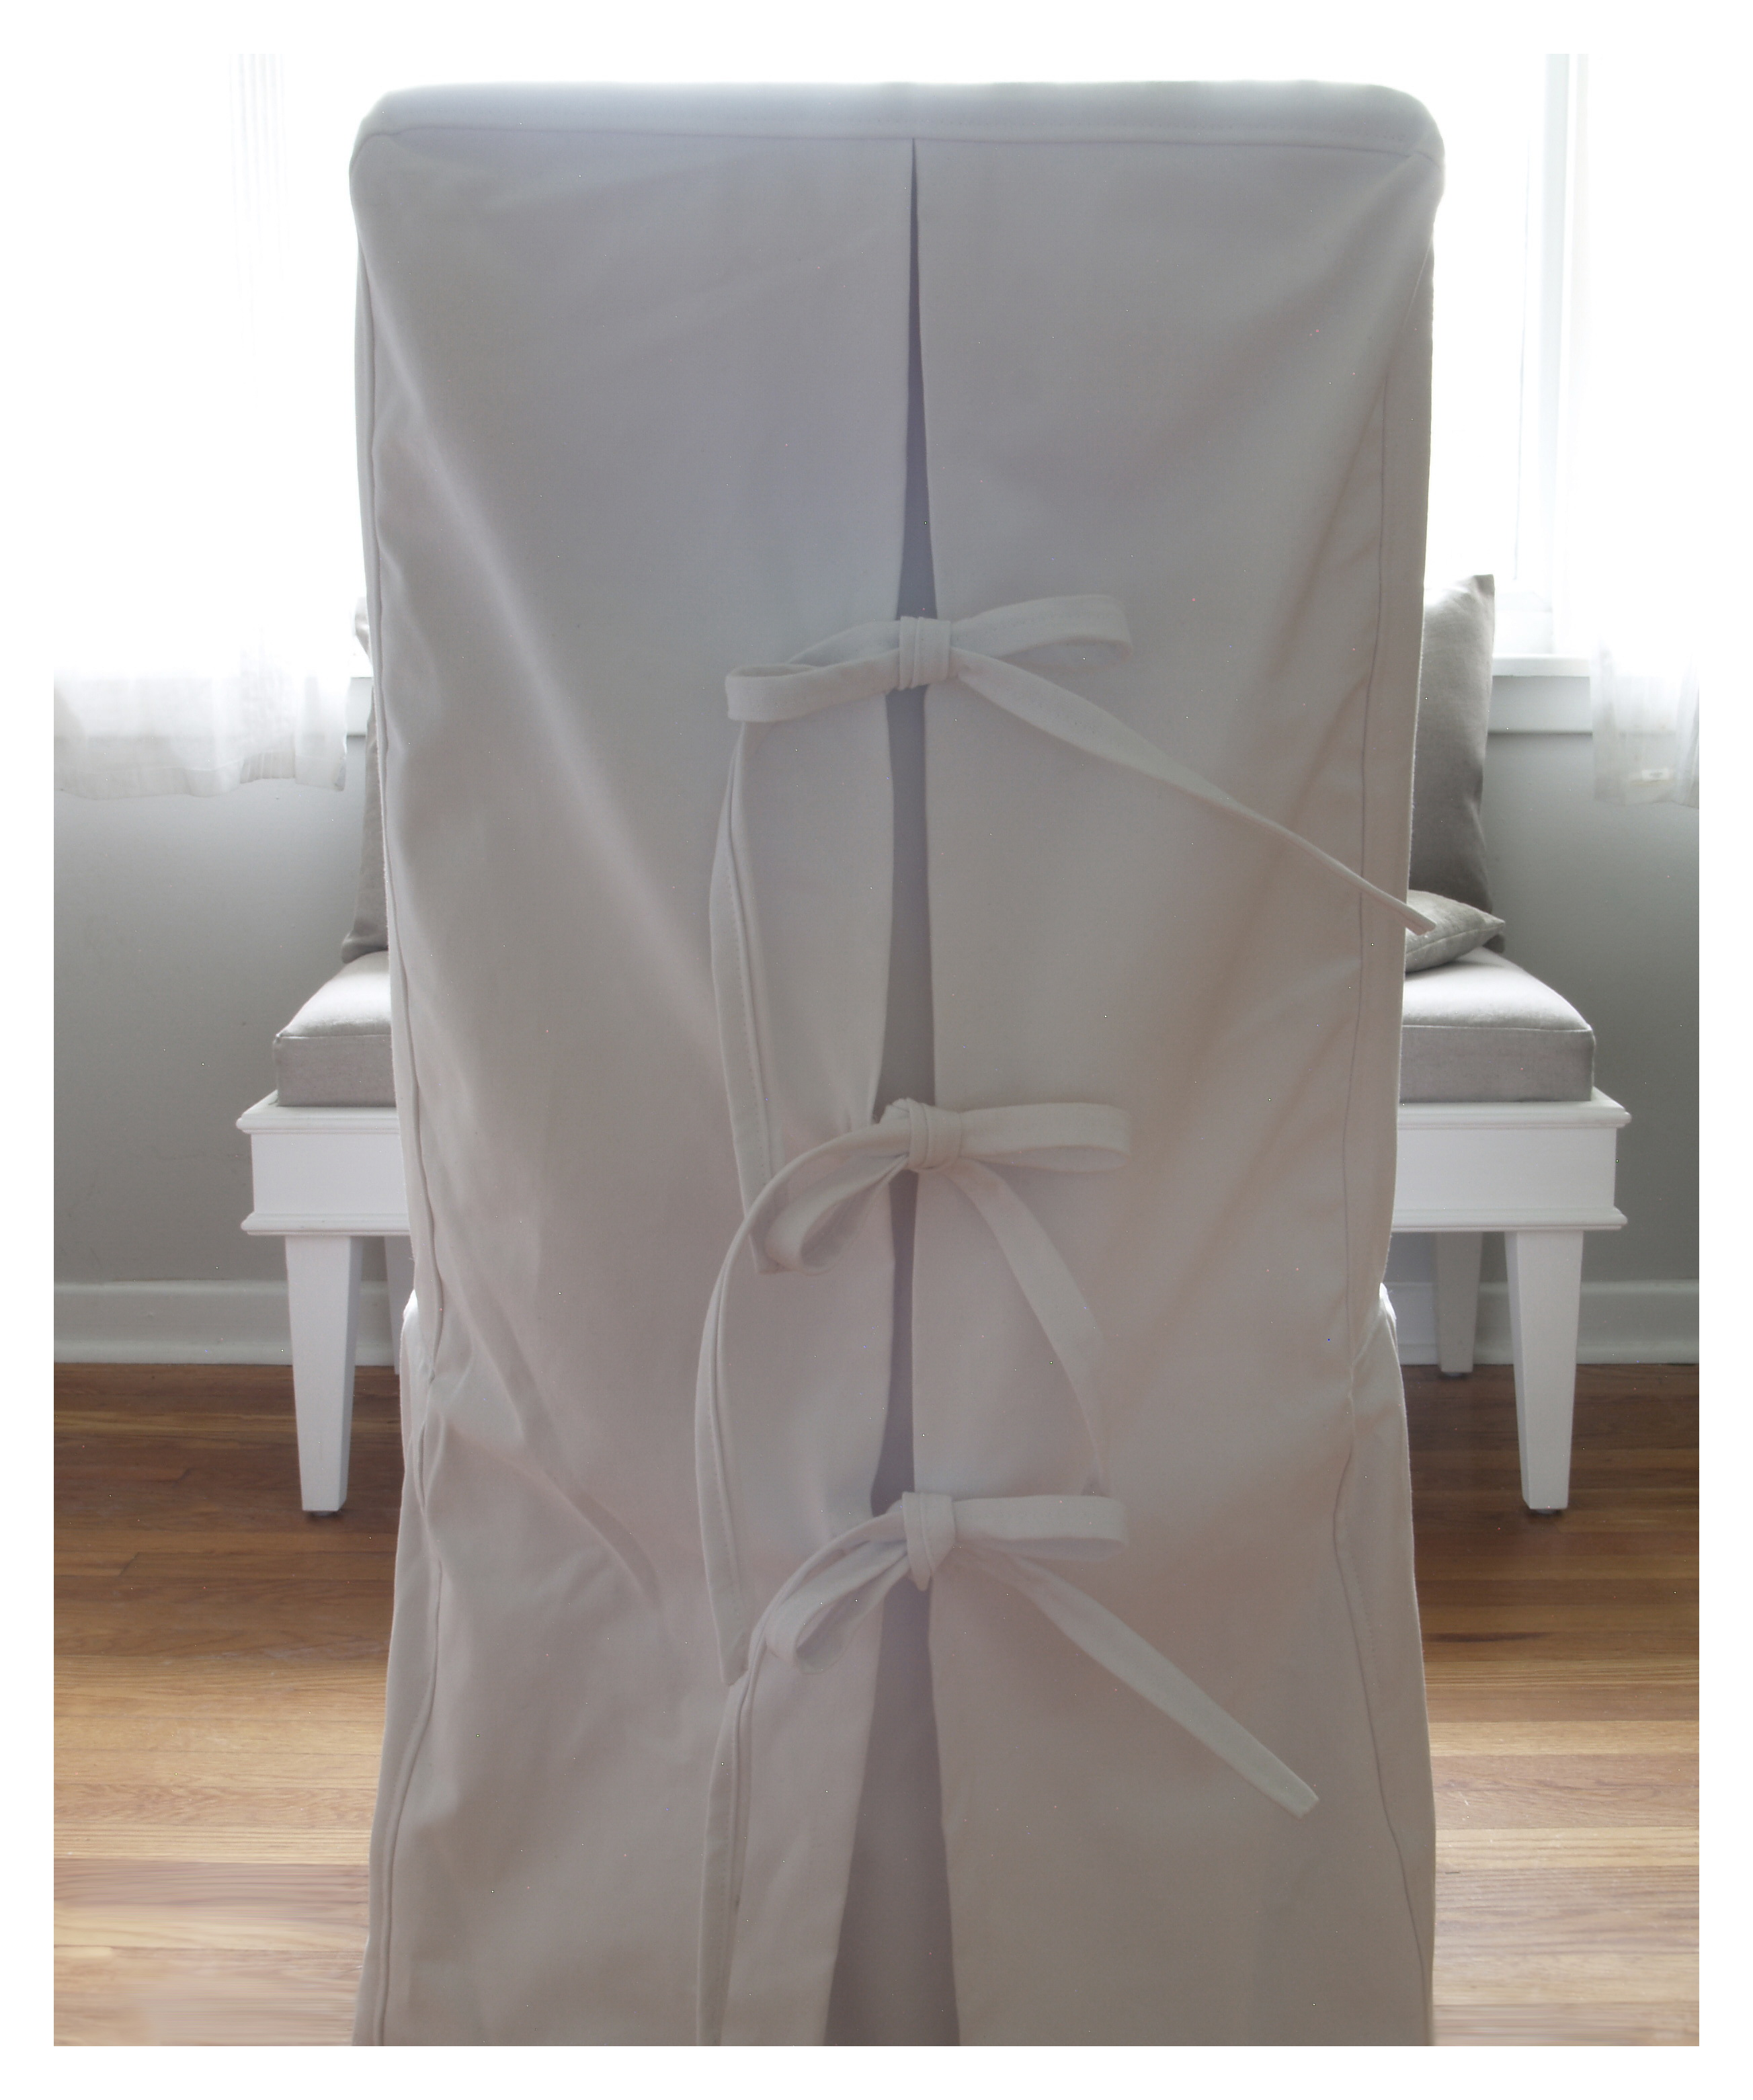 Funda para sillas ikea fotos de clientes y bloggers - Ikea fundas sillas ...